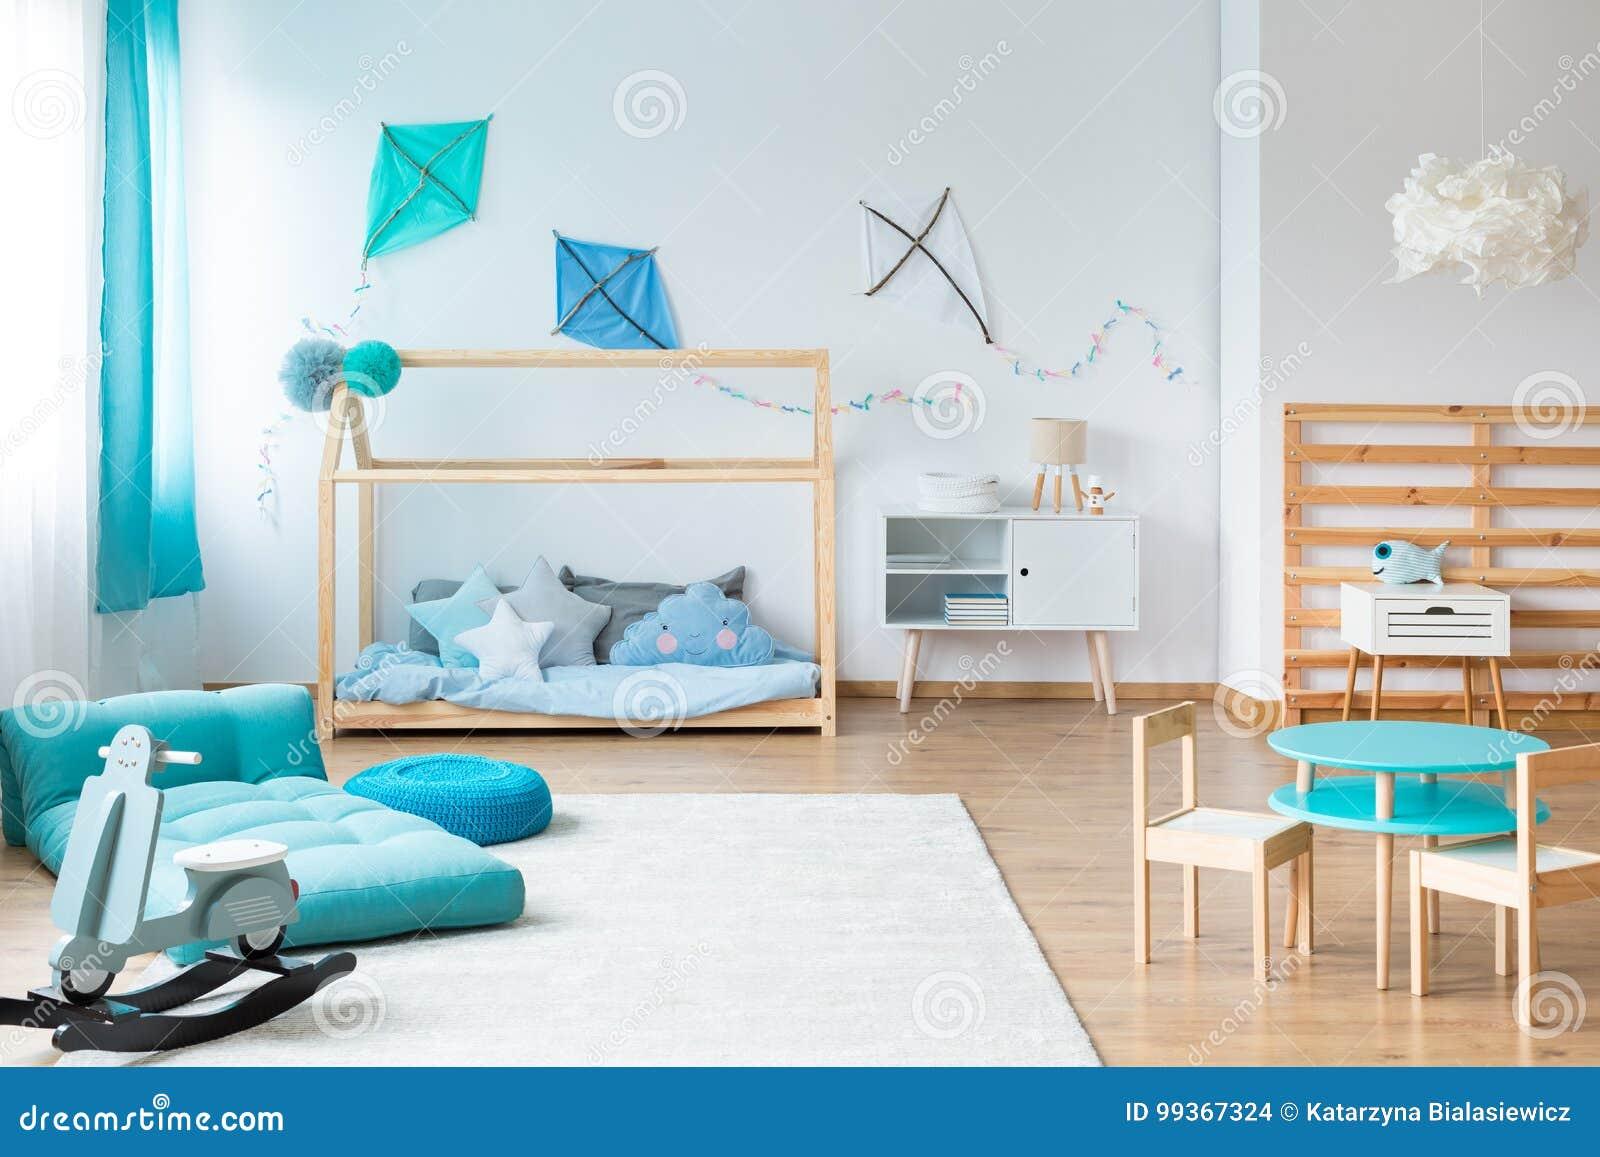 Scherzt Schlafzimmer Mit Handgemachten Möbeln Stockfoto ...